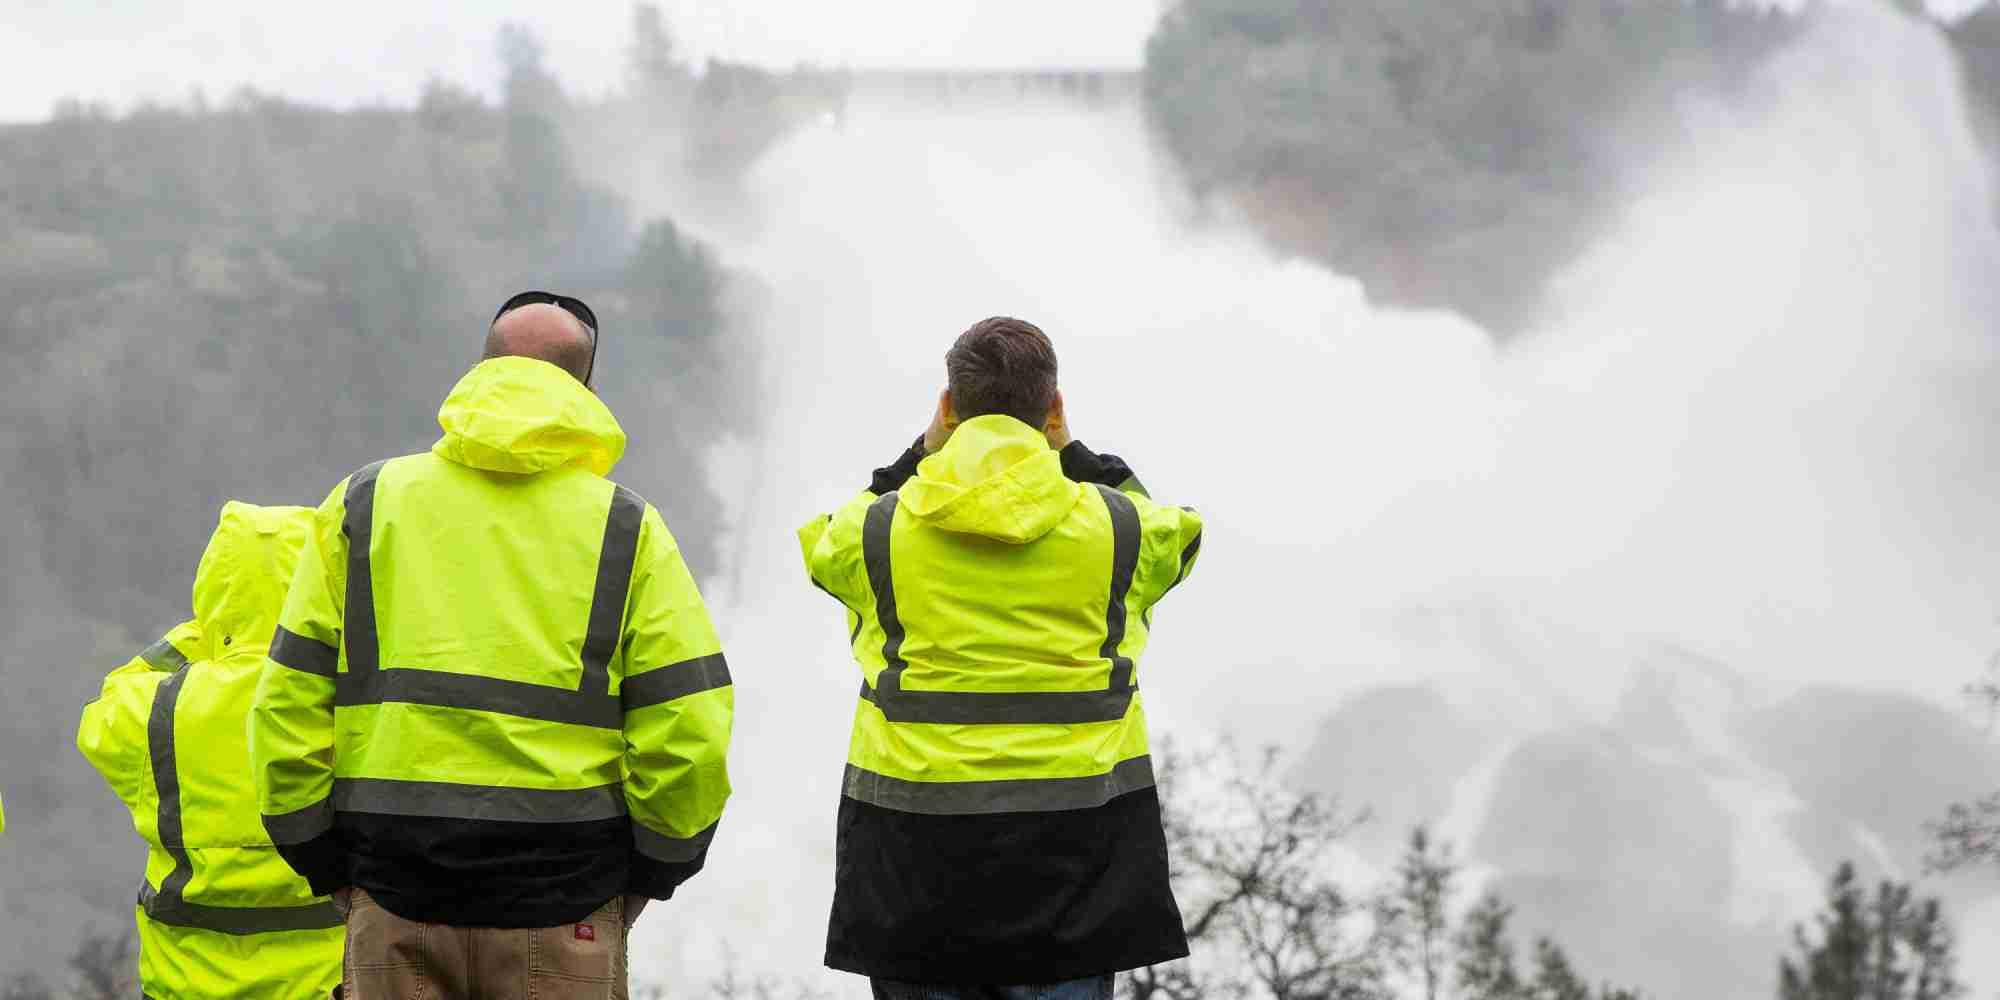 巨大ダムの緊急排水路が崩壊危機 カリフォルニア州で13万人に避難勧告